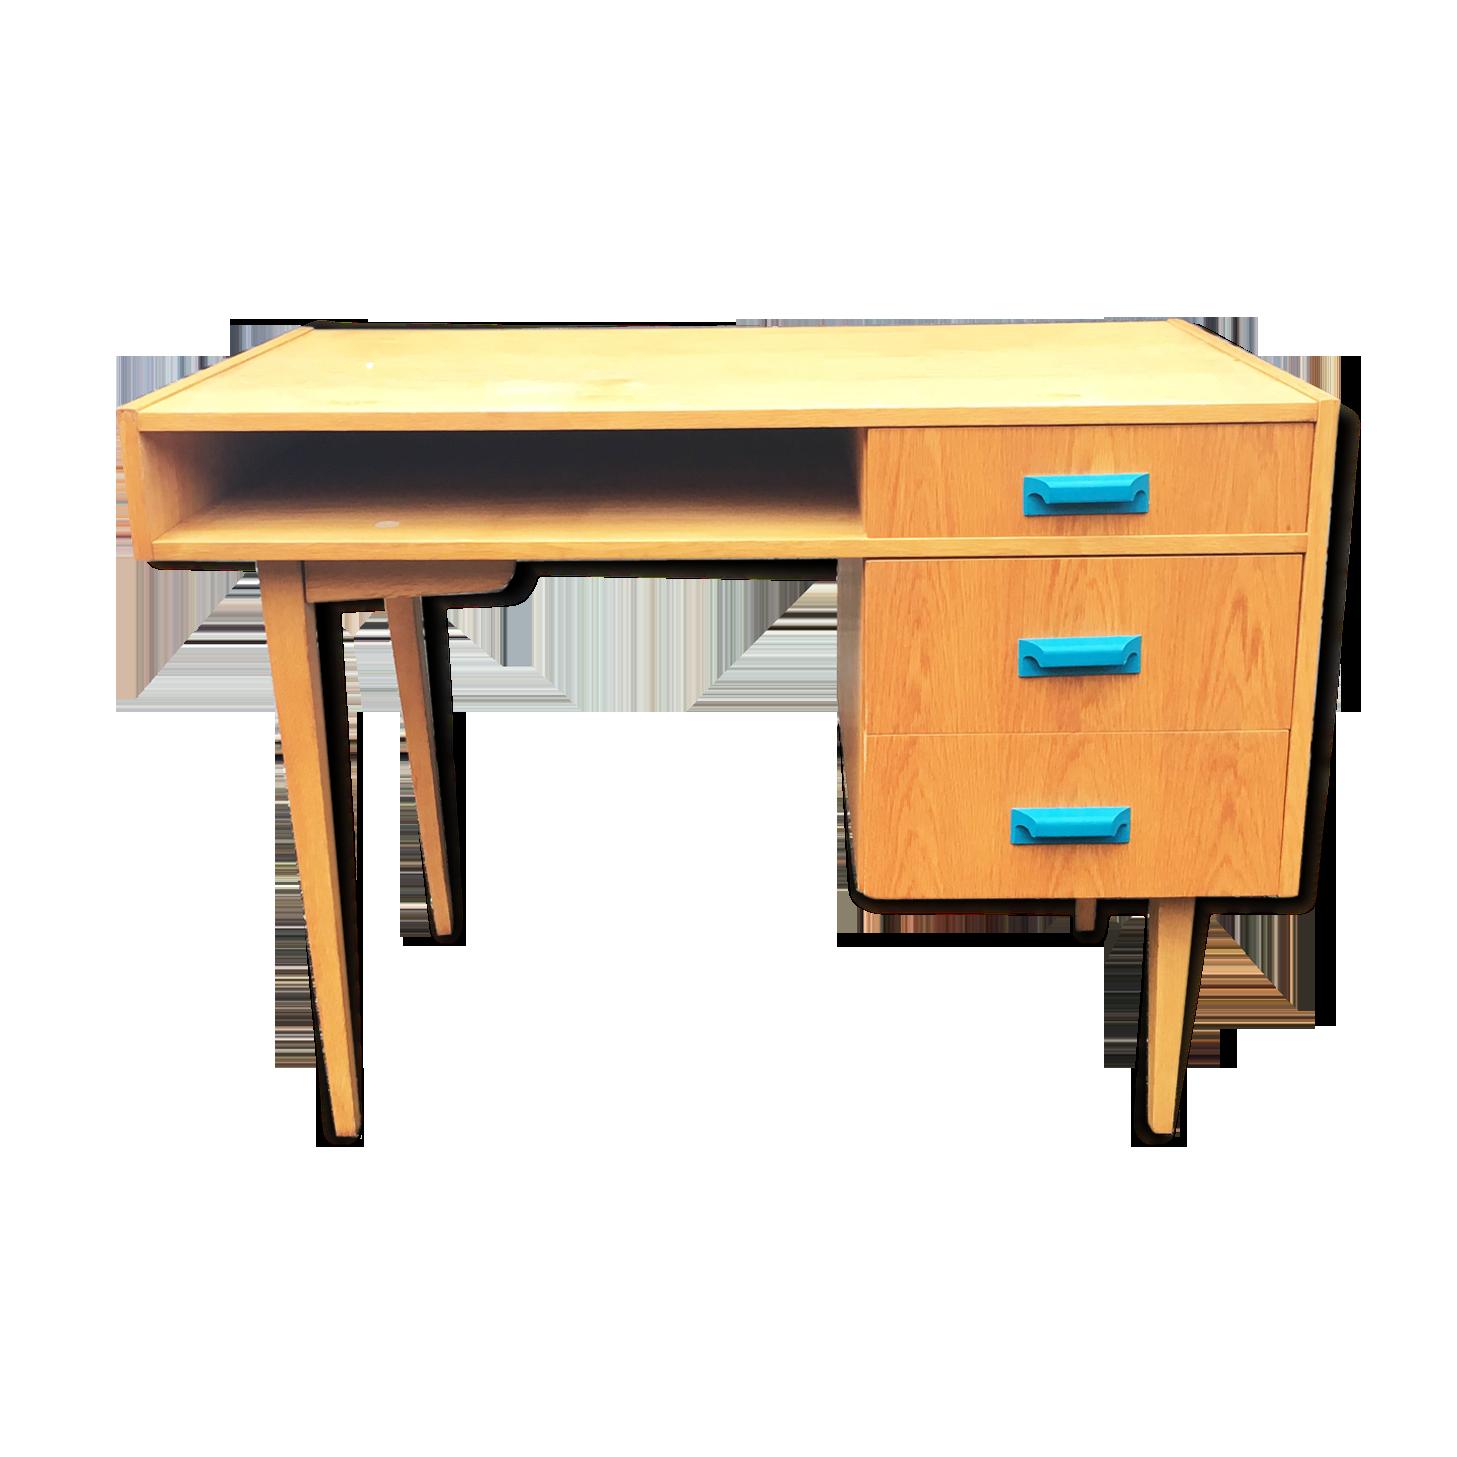 Bureau en bois scandinave vintage bois matériau bois